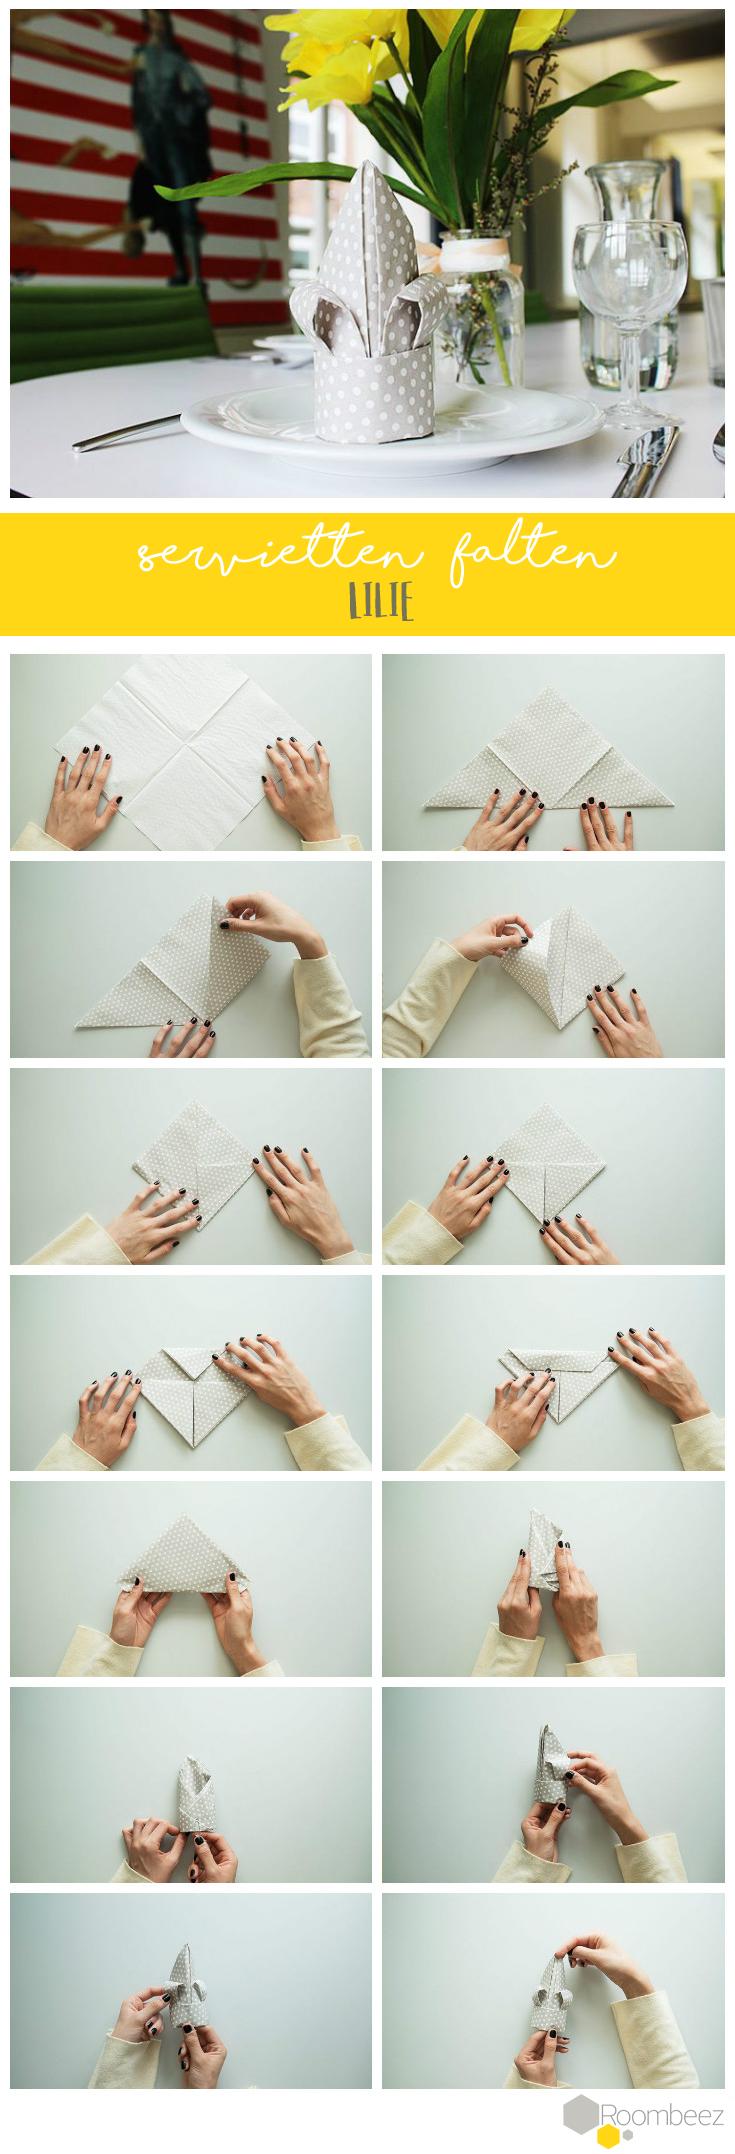 Servietten falten » 15 Anleitungen und Videos #serviettenfalten